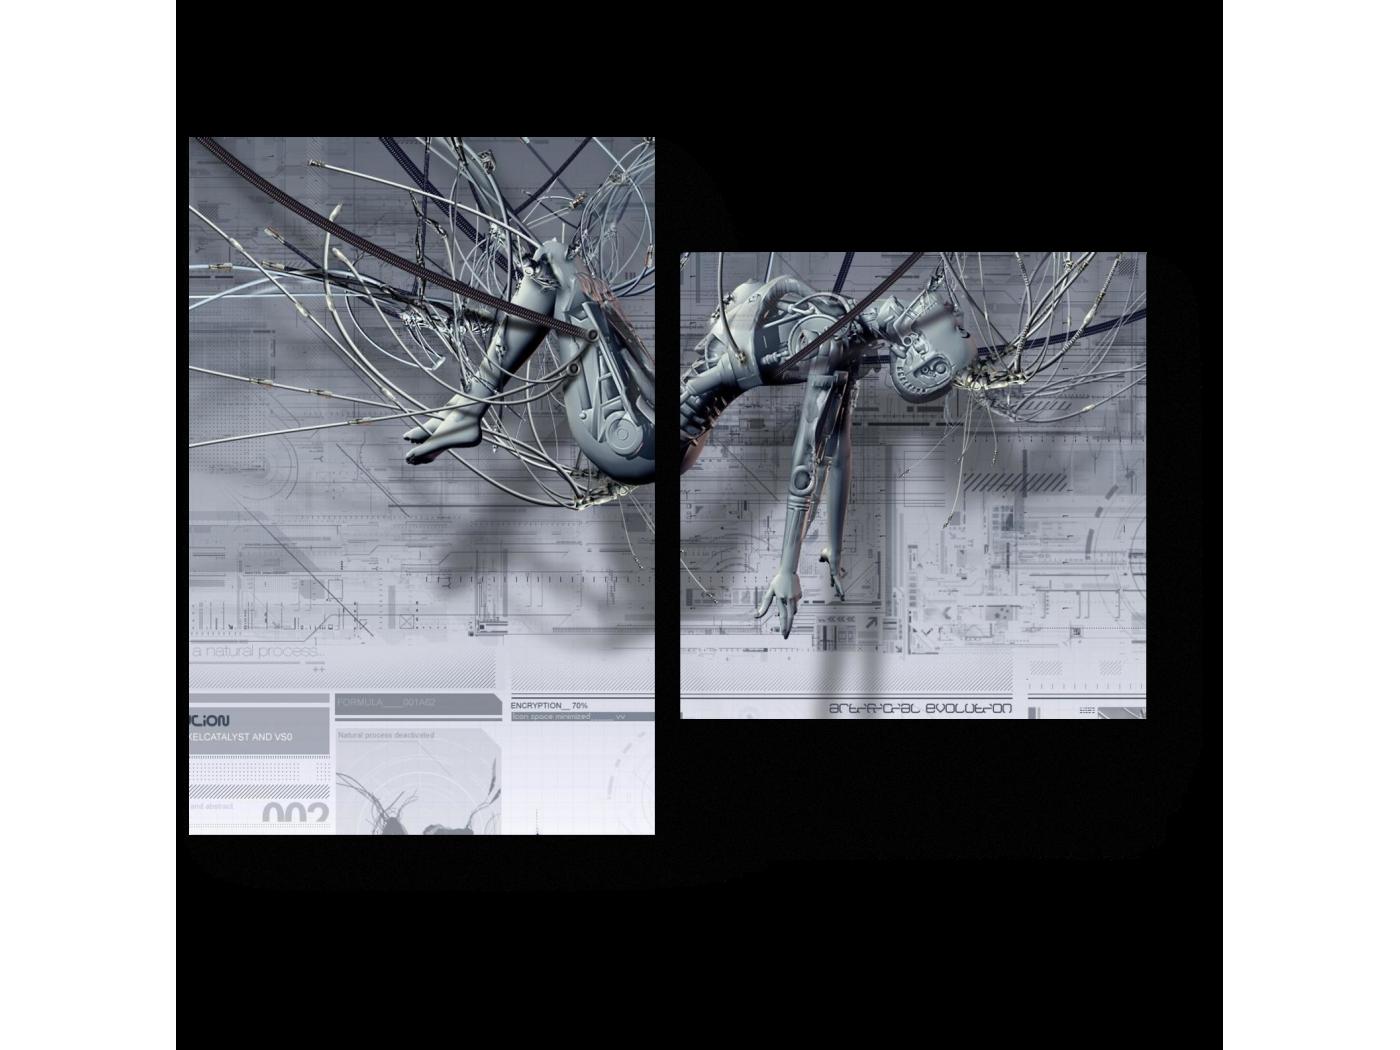 Модульная картина Технологии будущего (40x30) фото